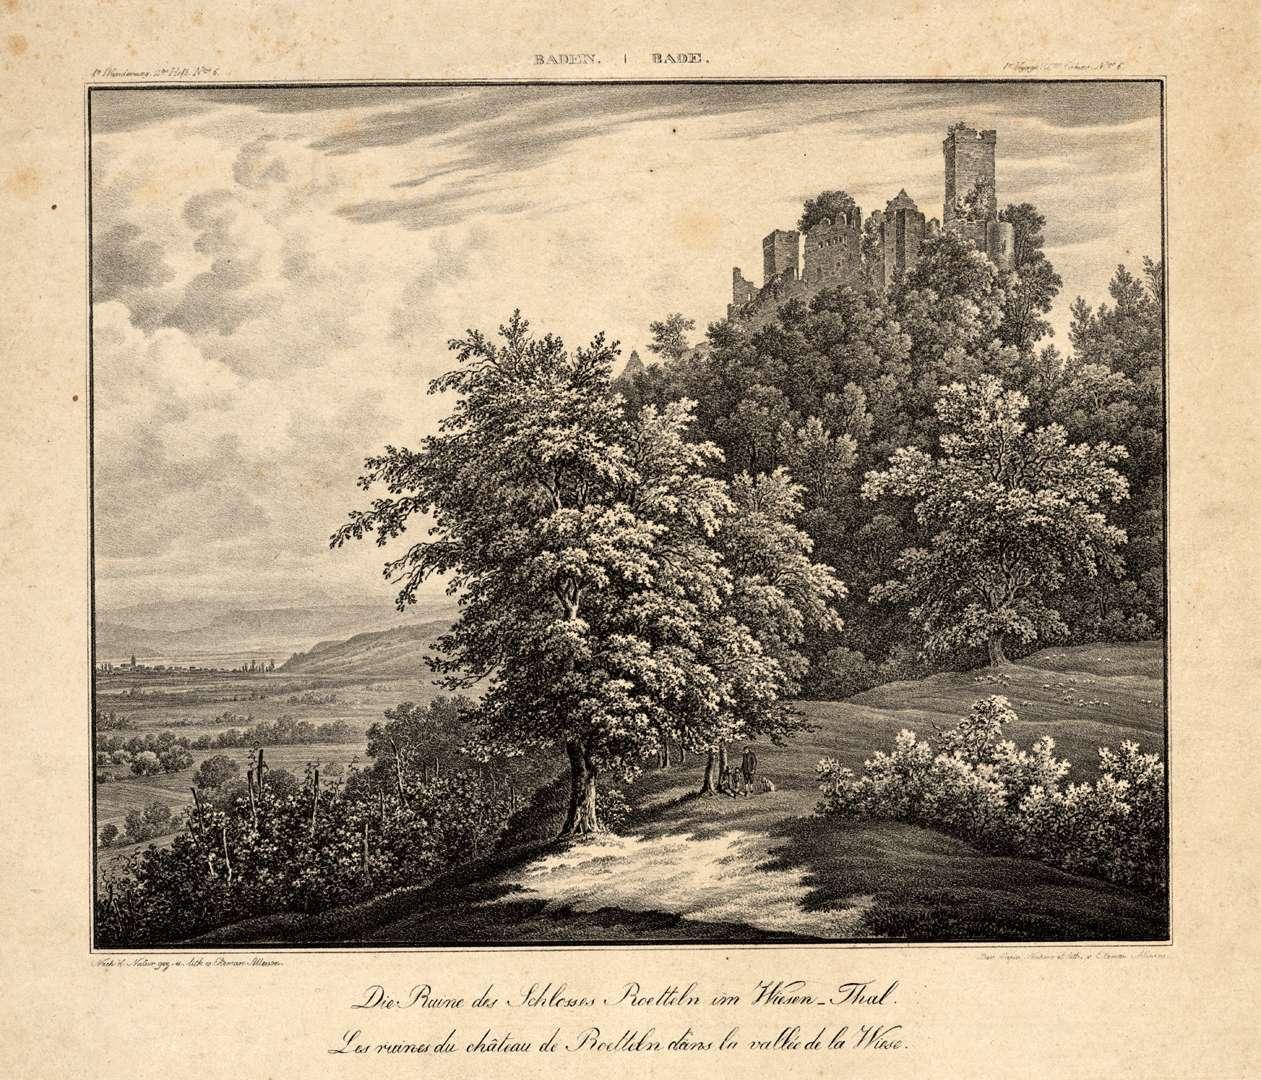 Die Ruine des Schlosses Roetteln im Wiesen-Thal, Les ruines du château de Roetteln dans la vallée de la Wiese, Bild 1